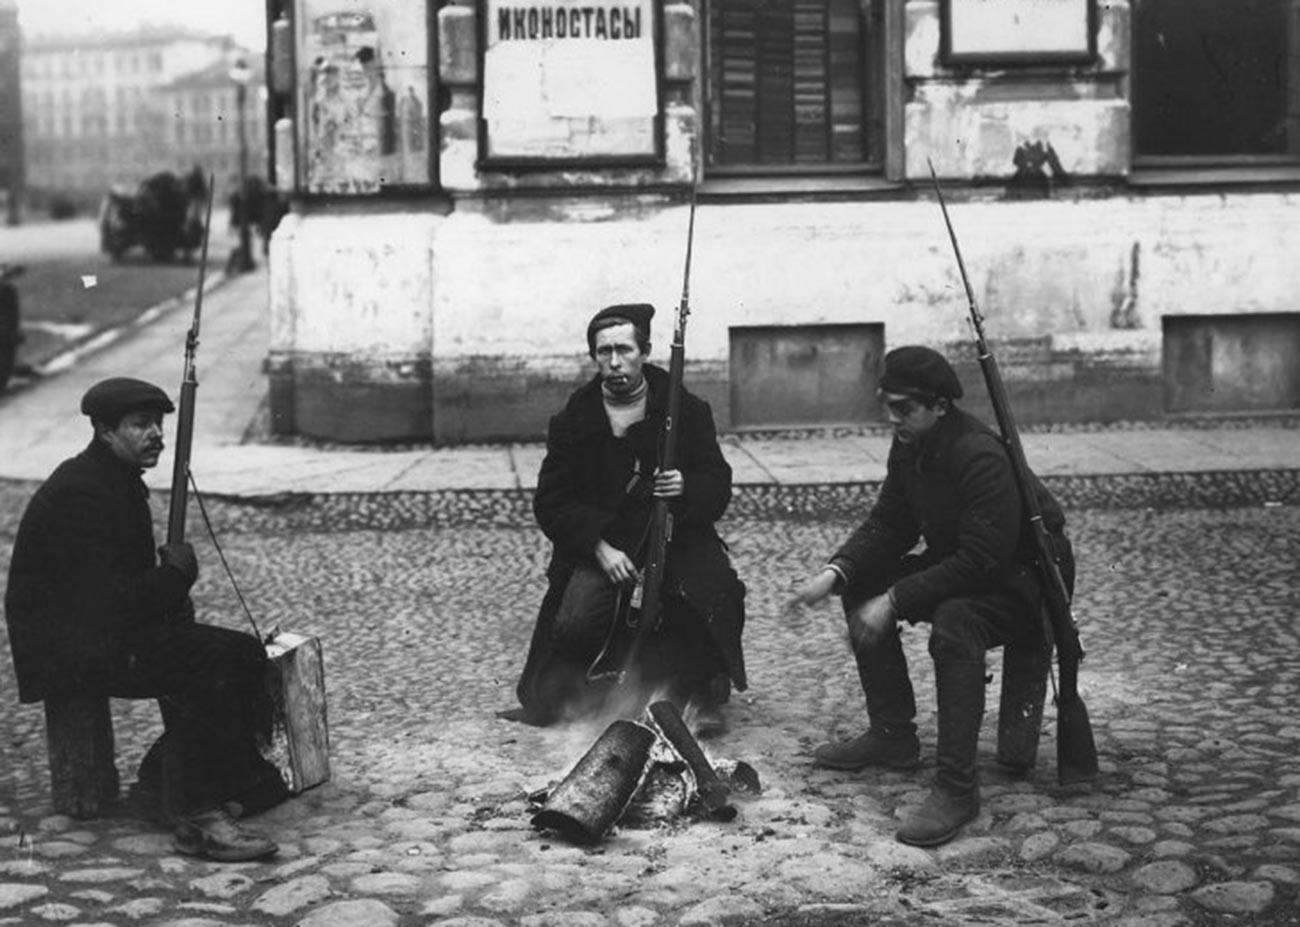 Des soldats de l'Armée rouge dans les rues, 1918